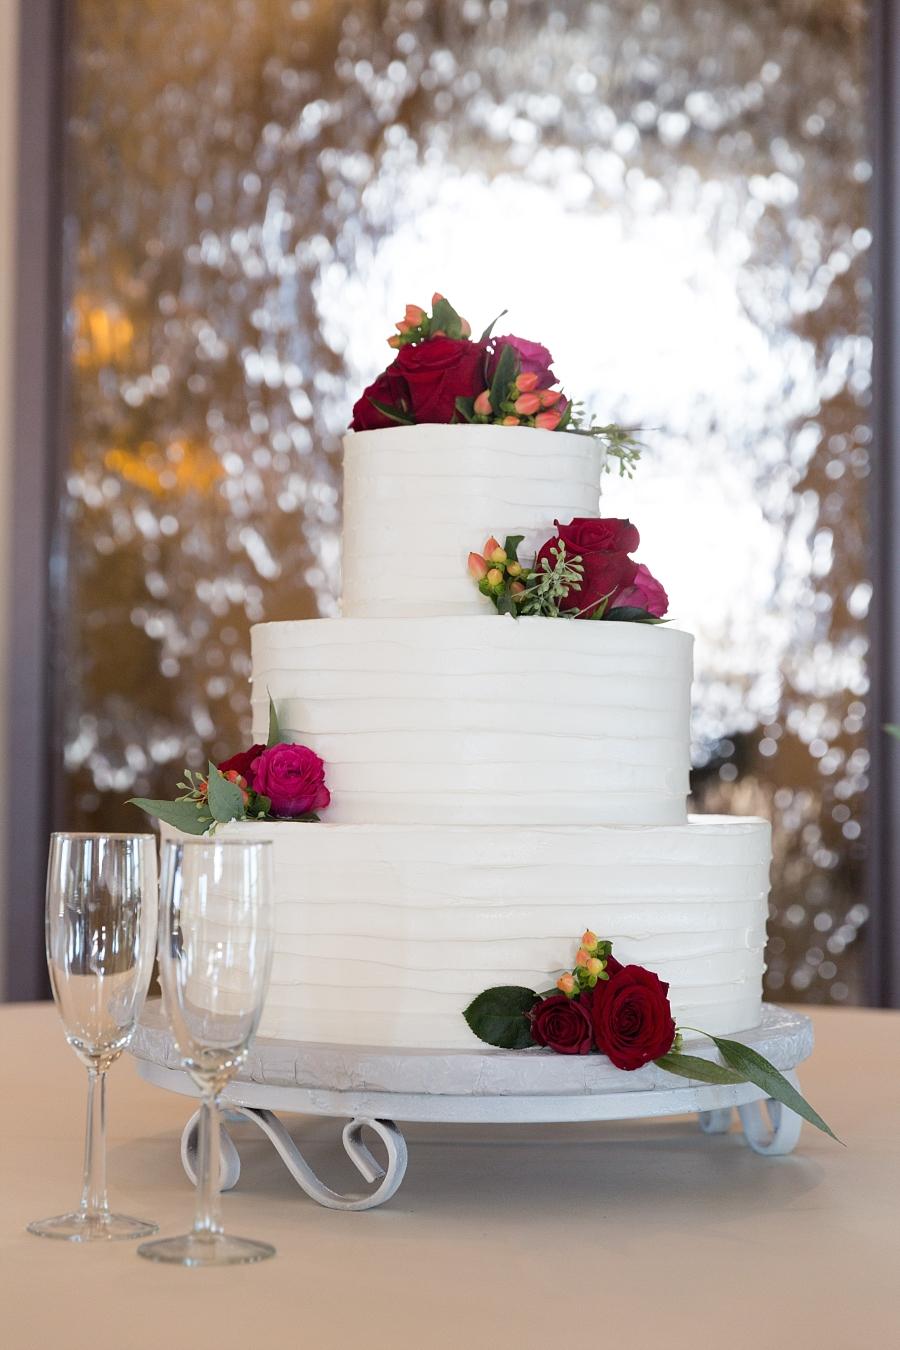 Stacy-Amderson-Photography-Houston-Fredericksberg-Wedding-Photographer_0047.jpg